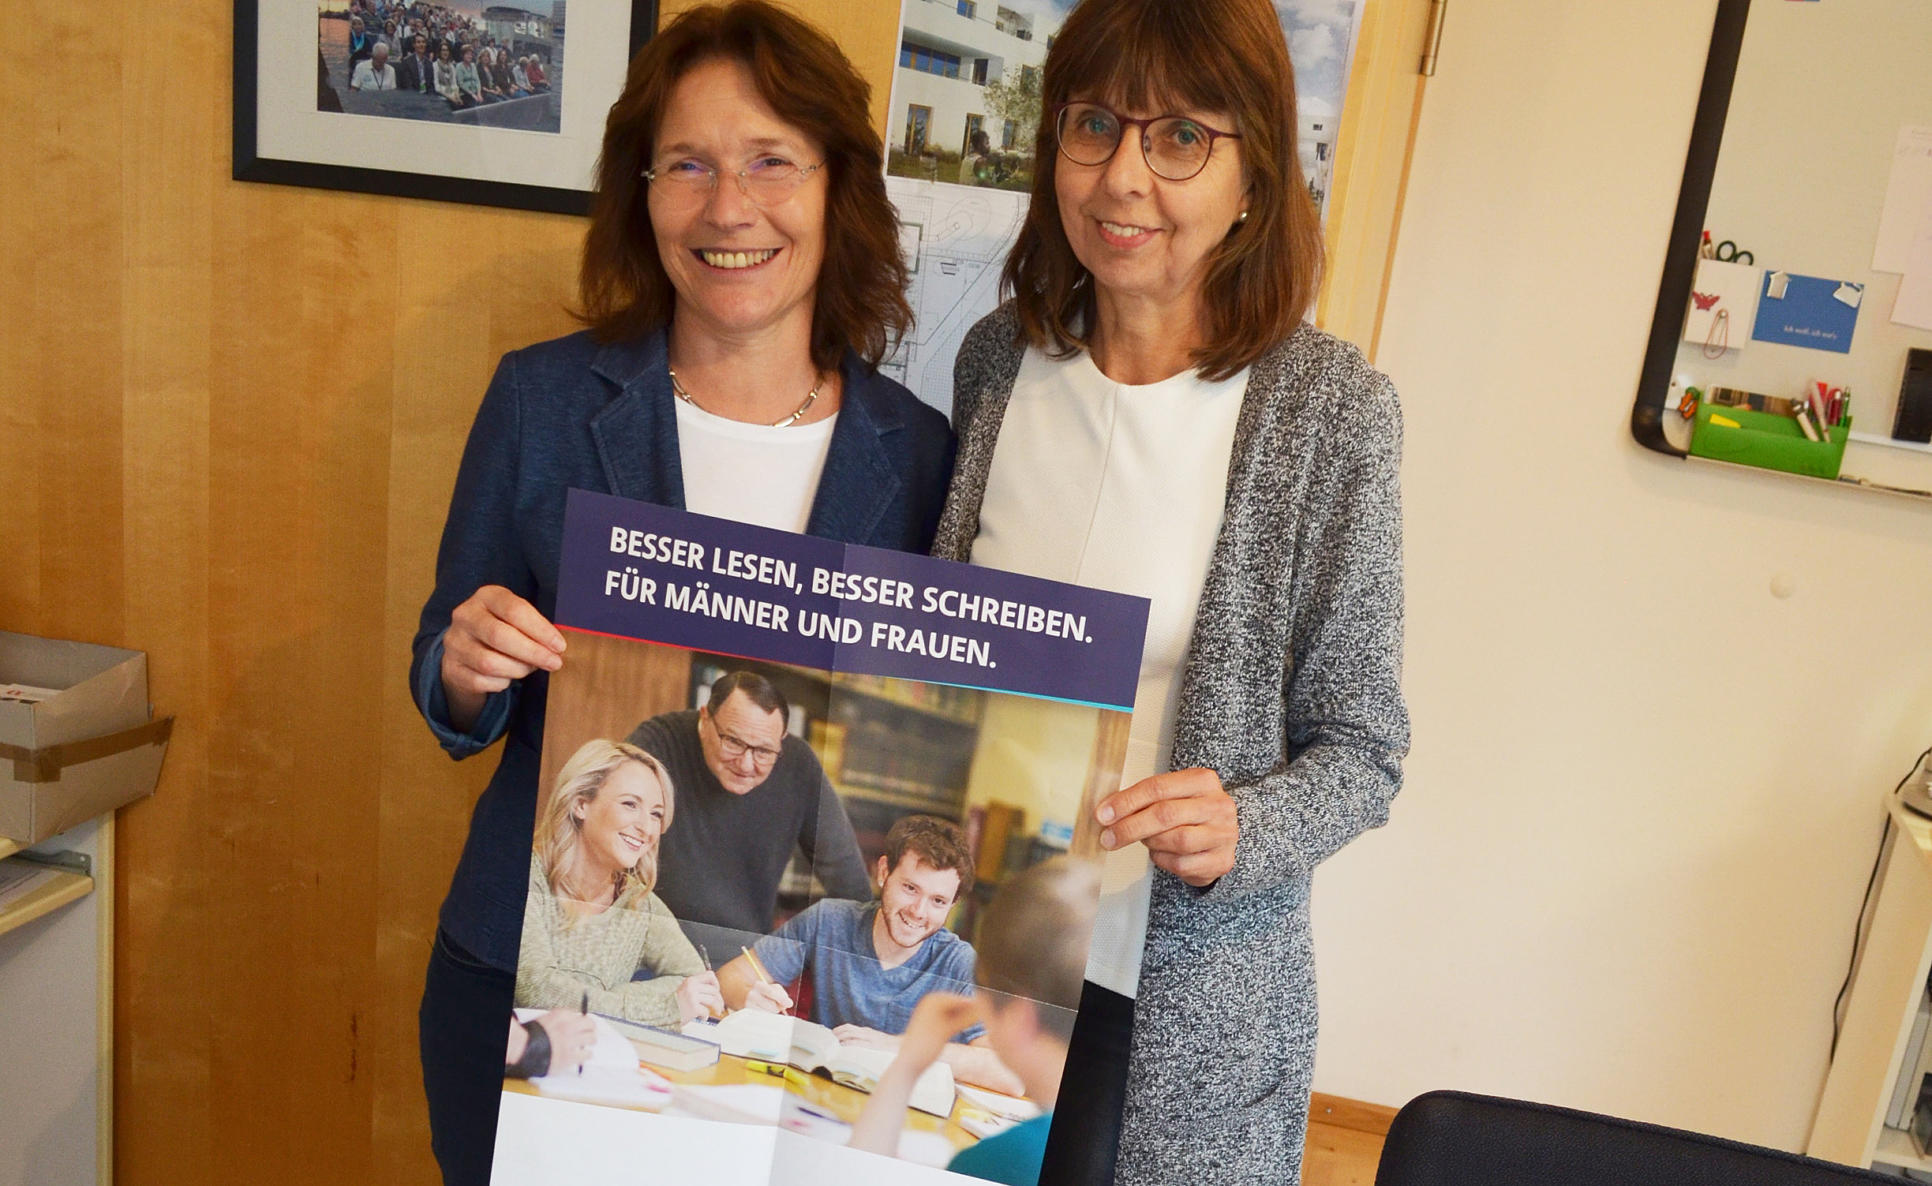 Margot Eisenmeier und Ulla Hahn im Familienzentrum